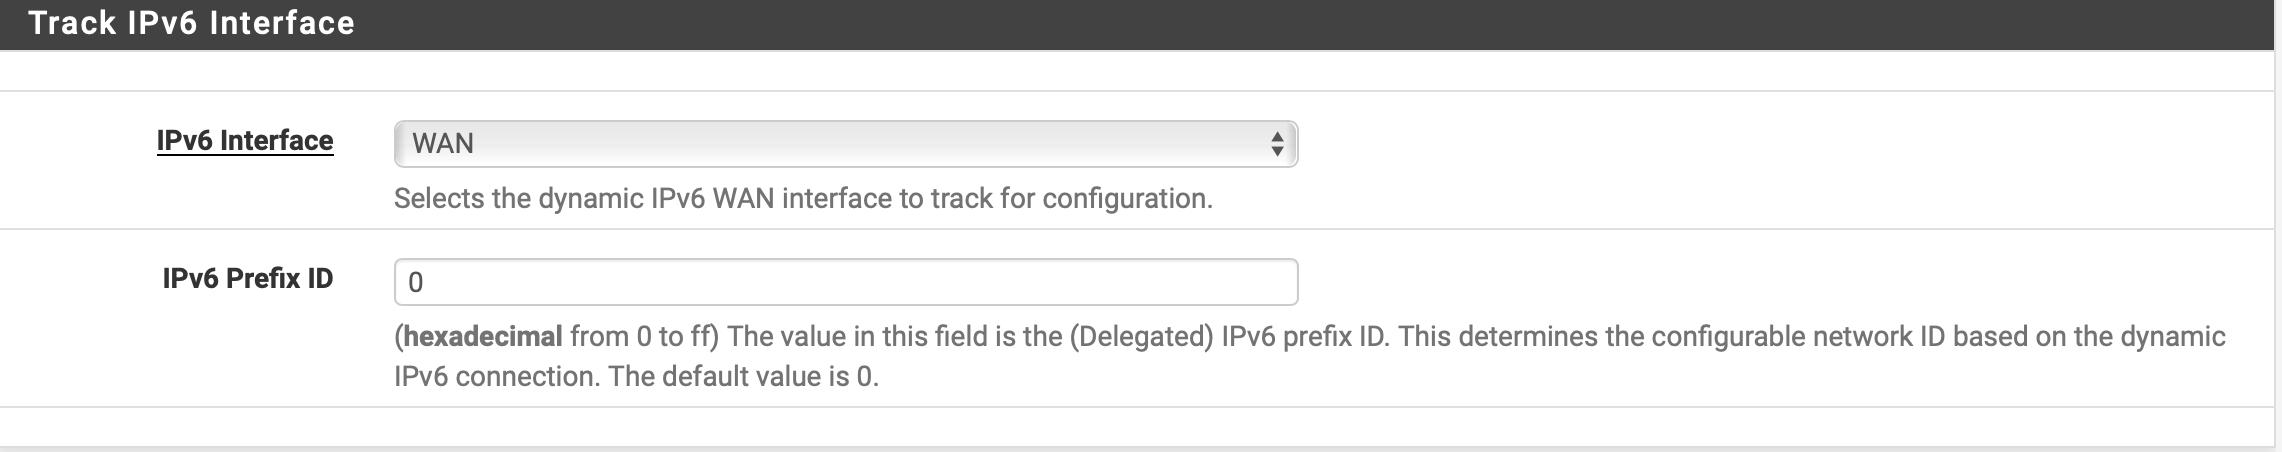 IPv6 Native with Telstra, Australia   Netgate Forum